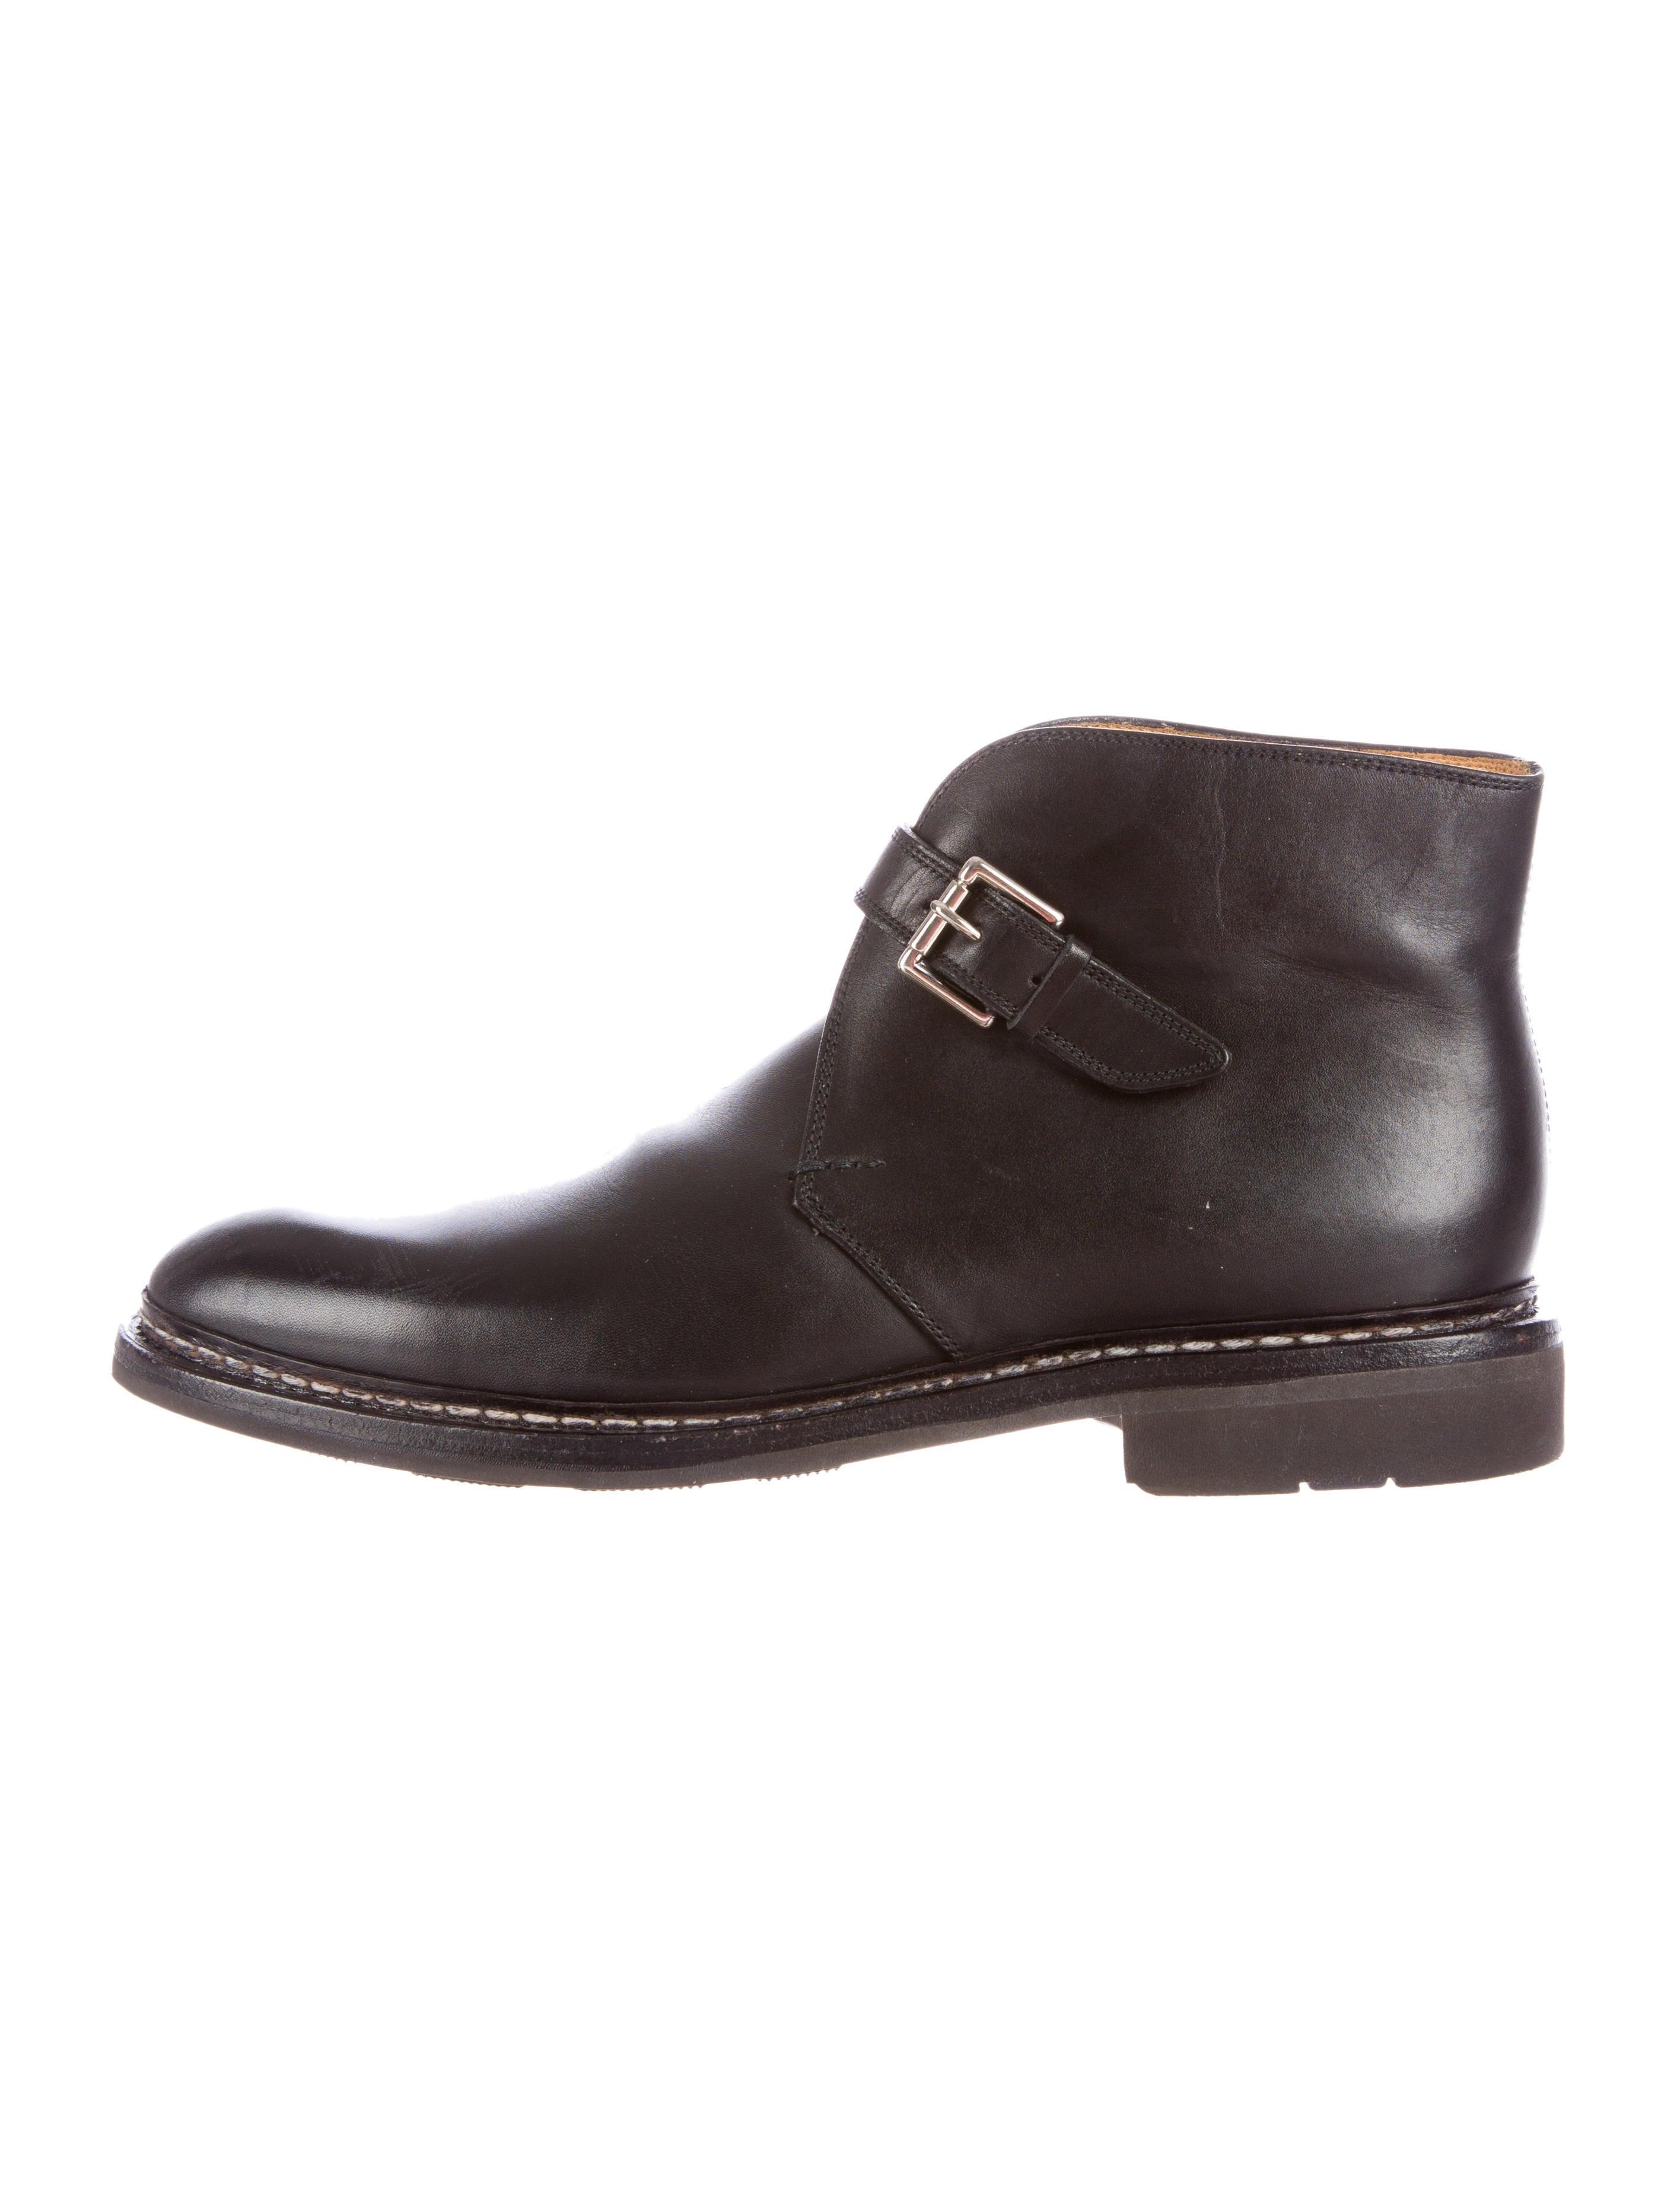 heschung manioc monk boots mens shoes hsg20016